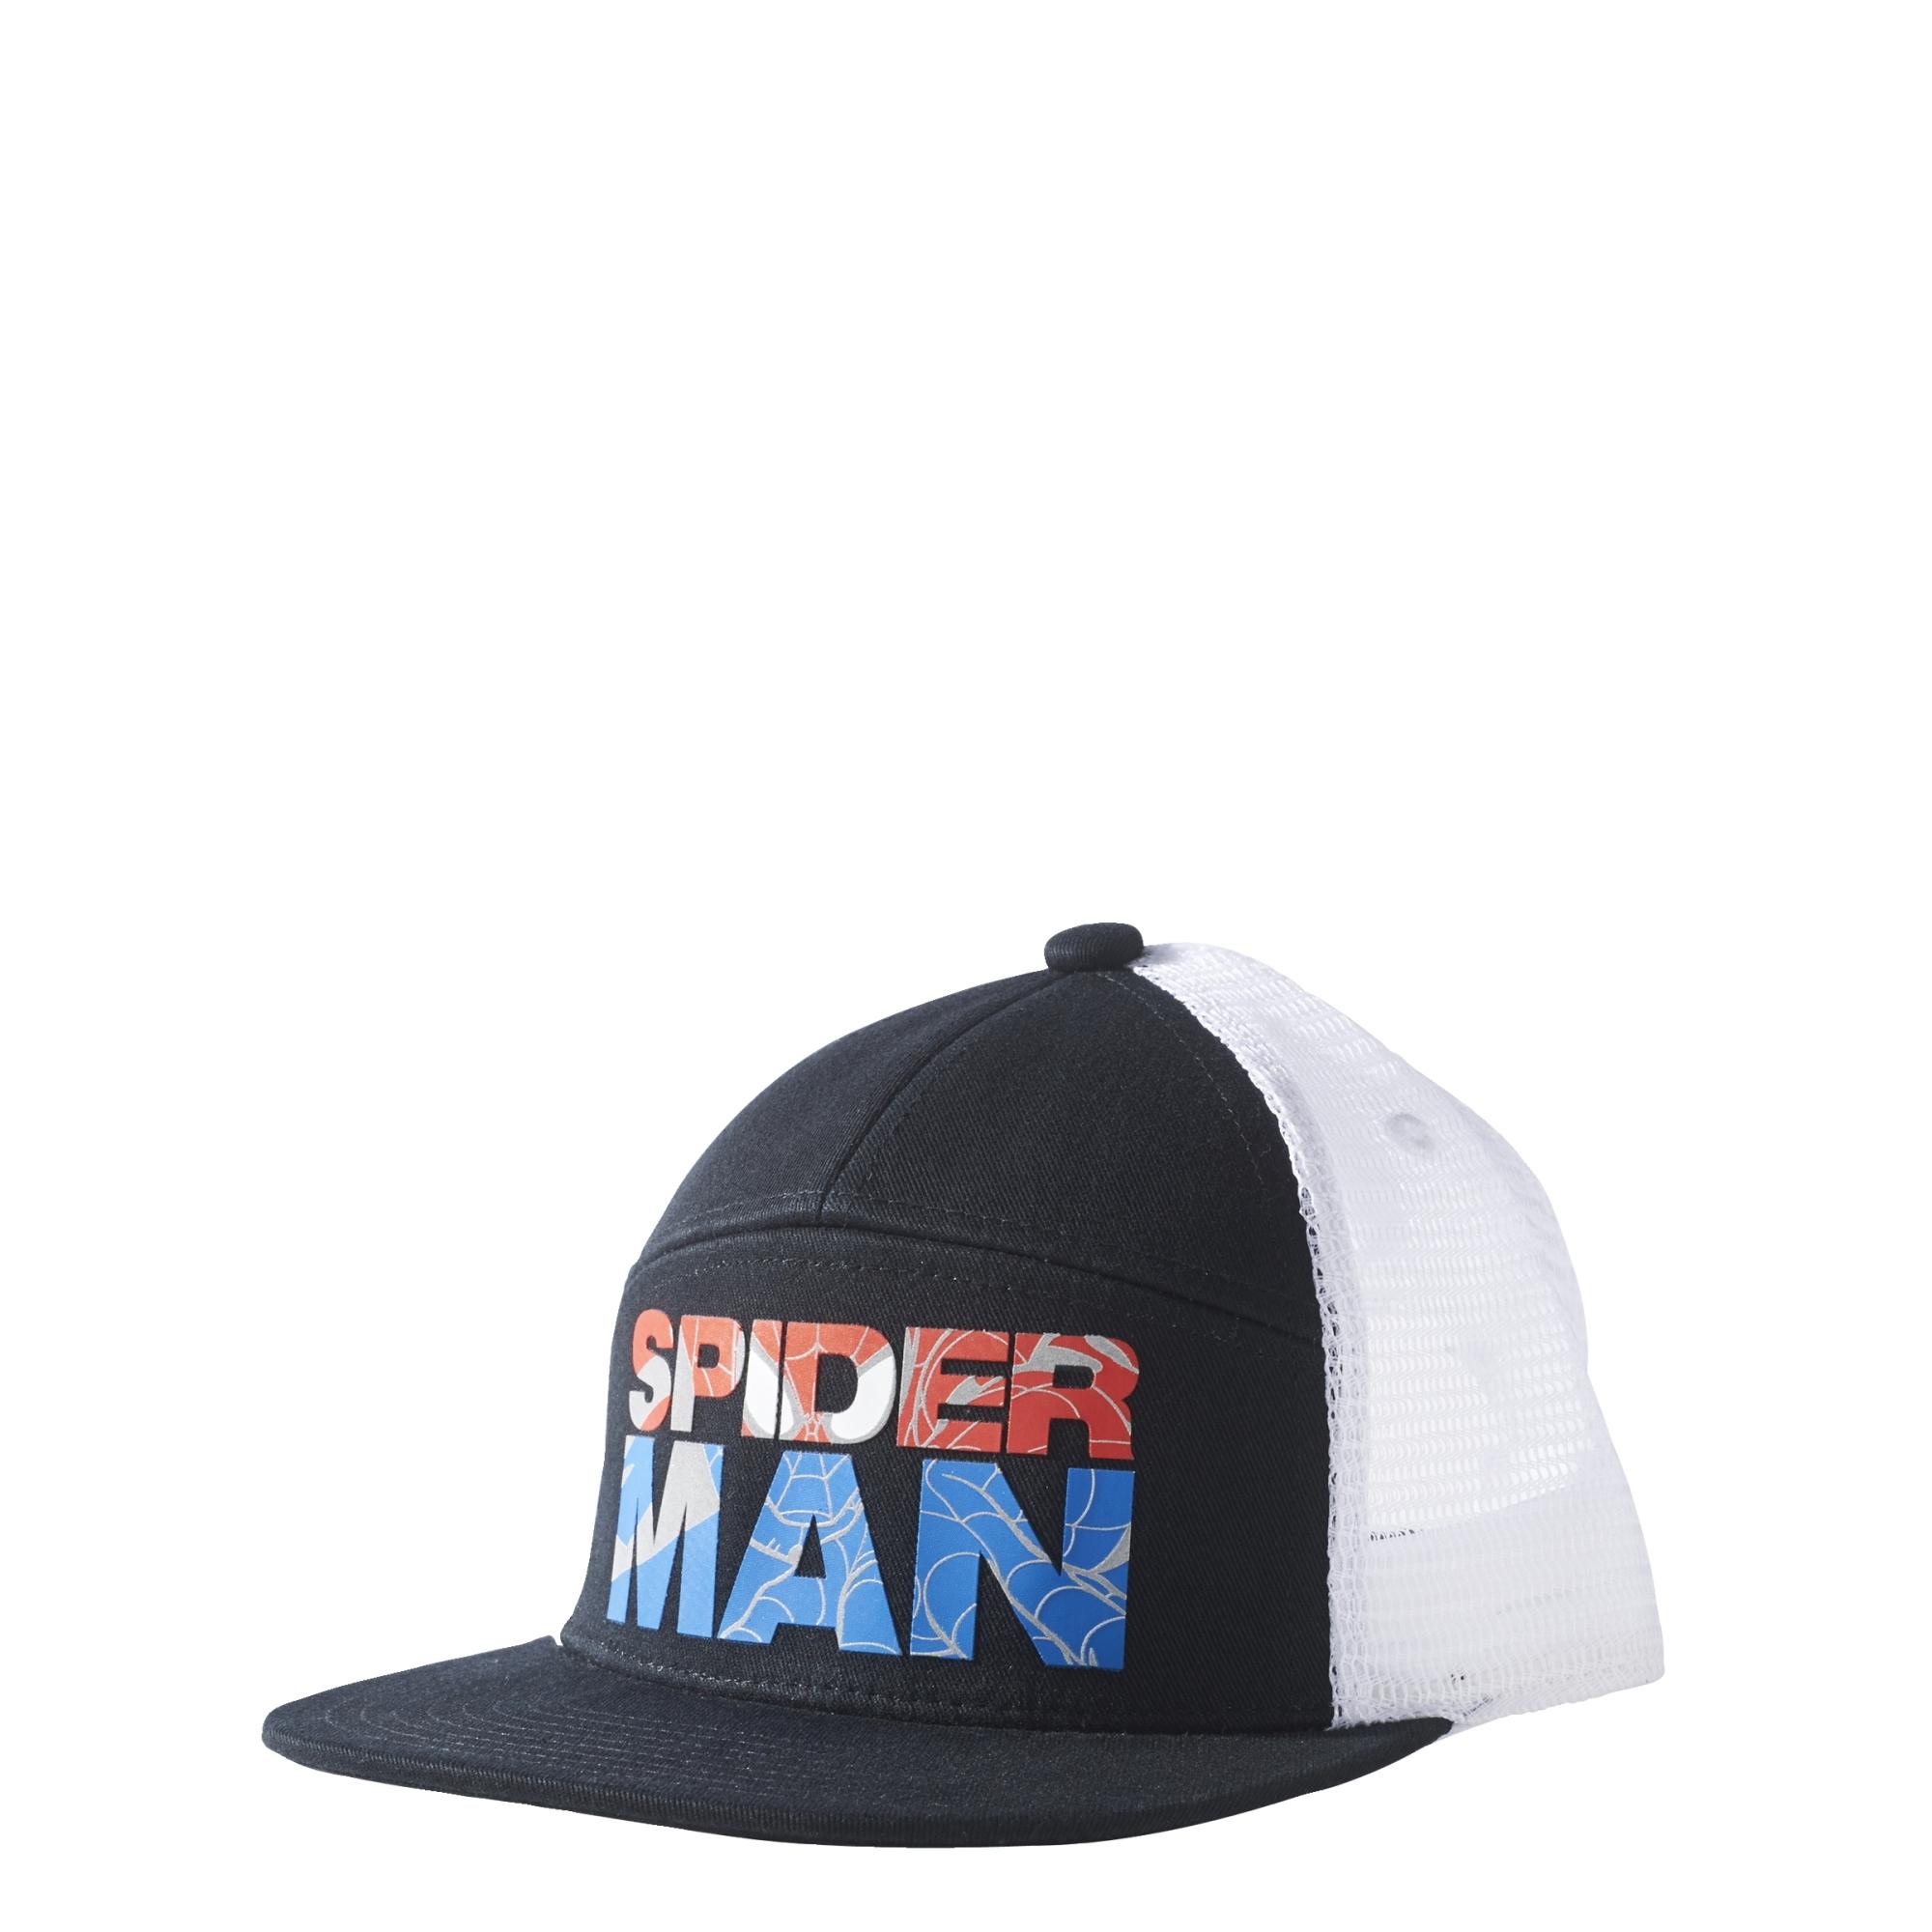 23b6f22847c czapka dziecięca adidas Spidermann r C AI5235 - 7118154402 - oficjalne  archiwum allegro